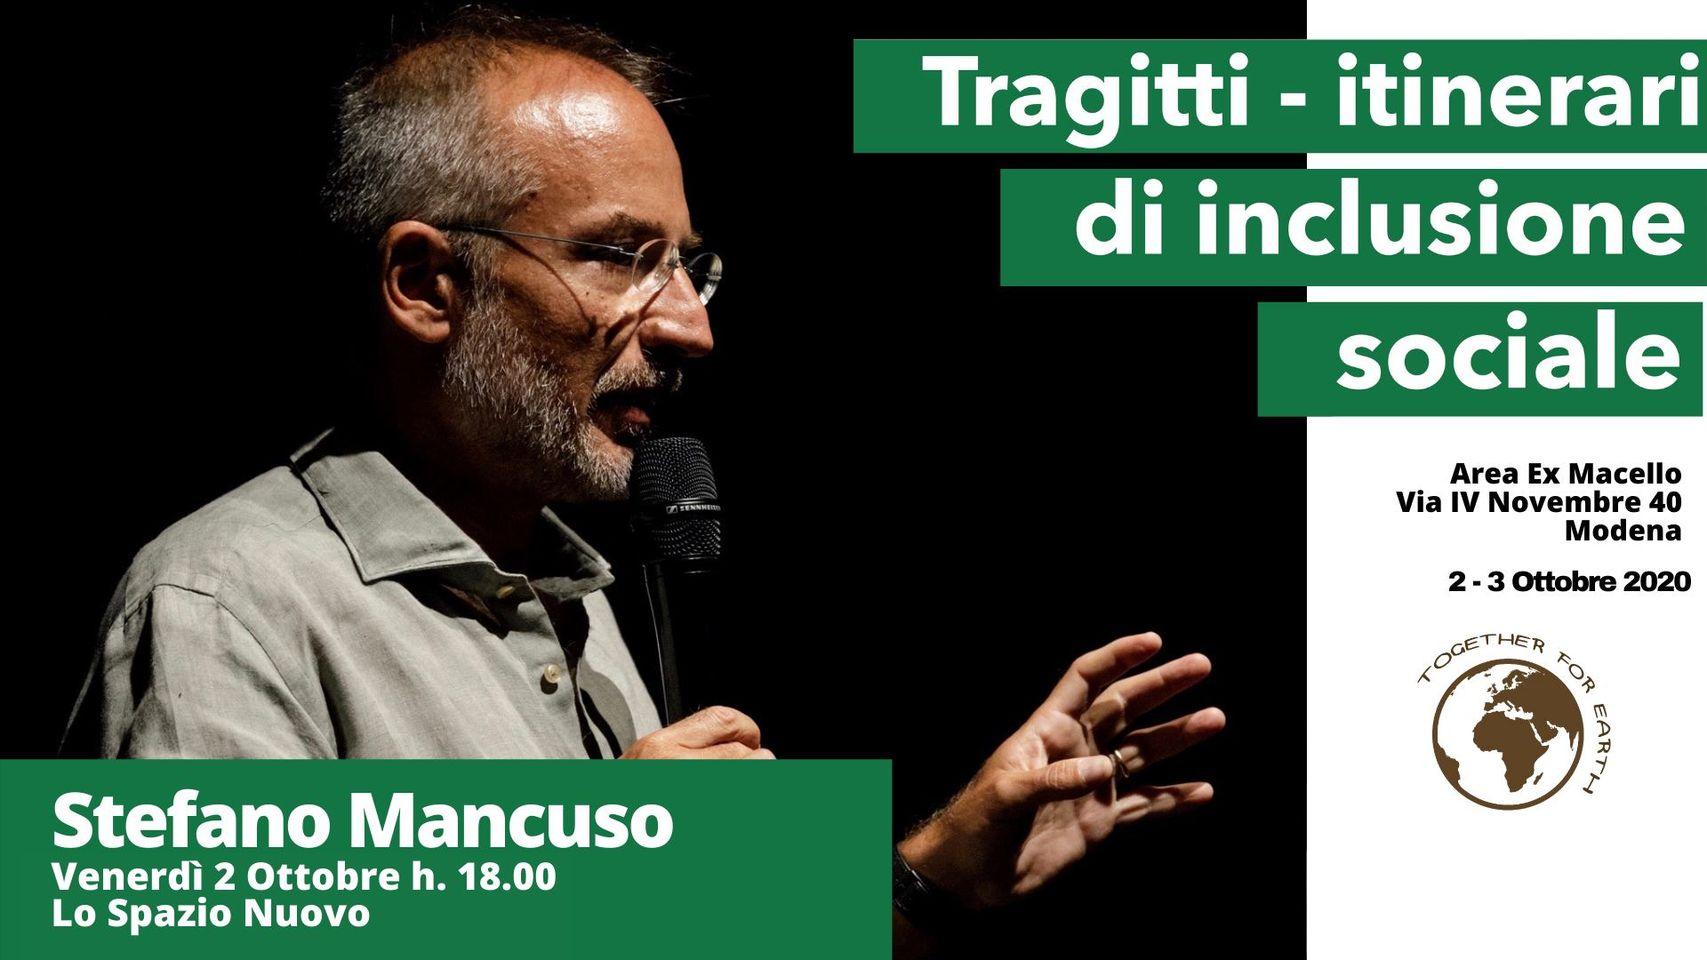 Coop Alleanza 3.0 e Legacoop Estense presentano: Plant Revolution – incontro con Stefano Mancuso